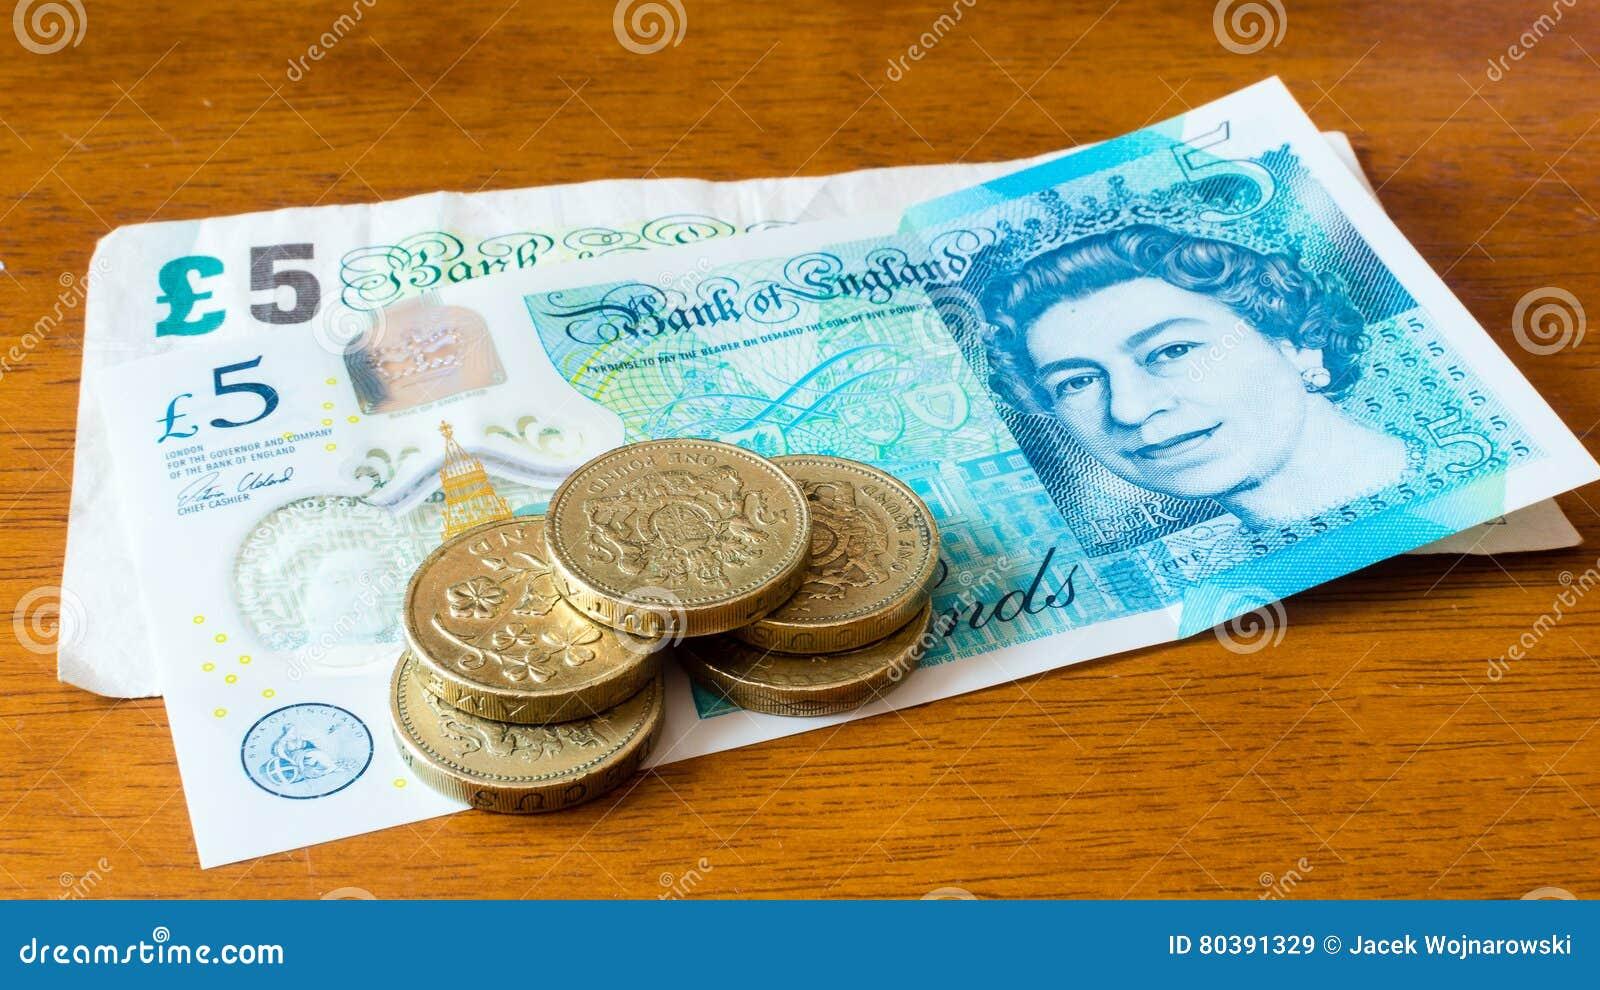 Fünf Ein Pfund Münzen Neue 5 Pfund Anmerkungen Und Alte